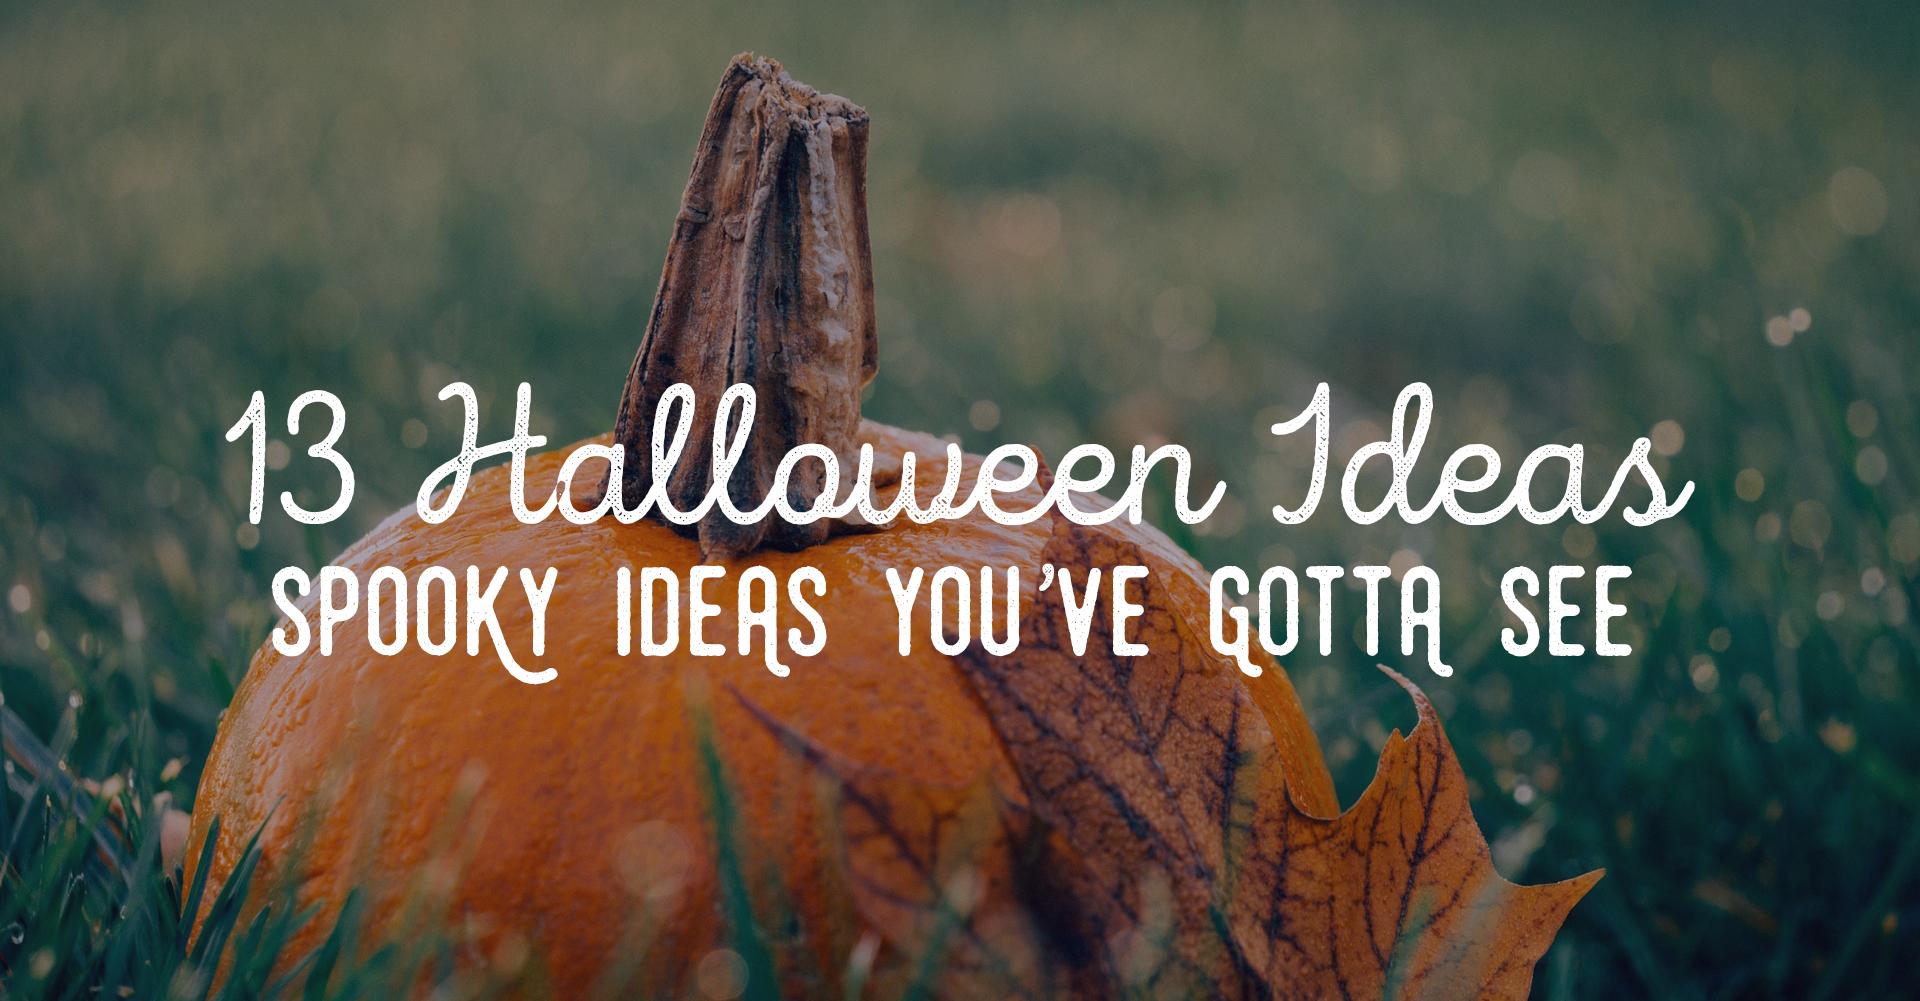 fb spooky